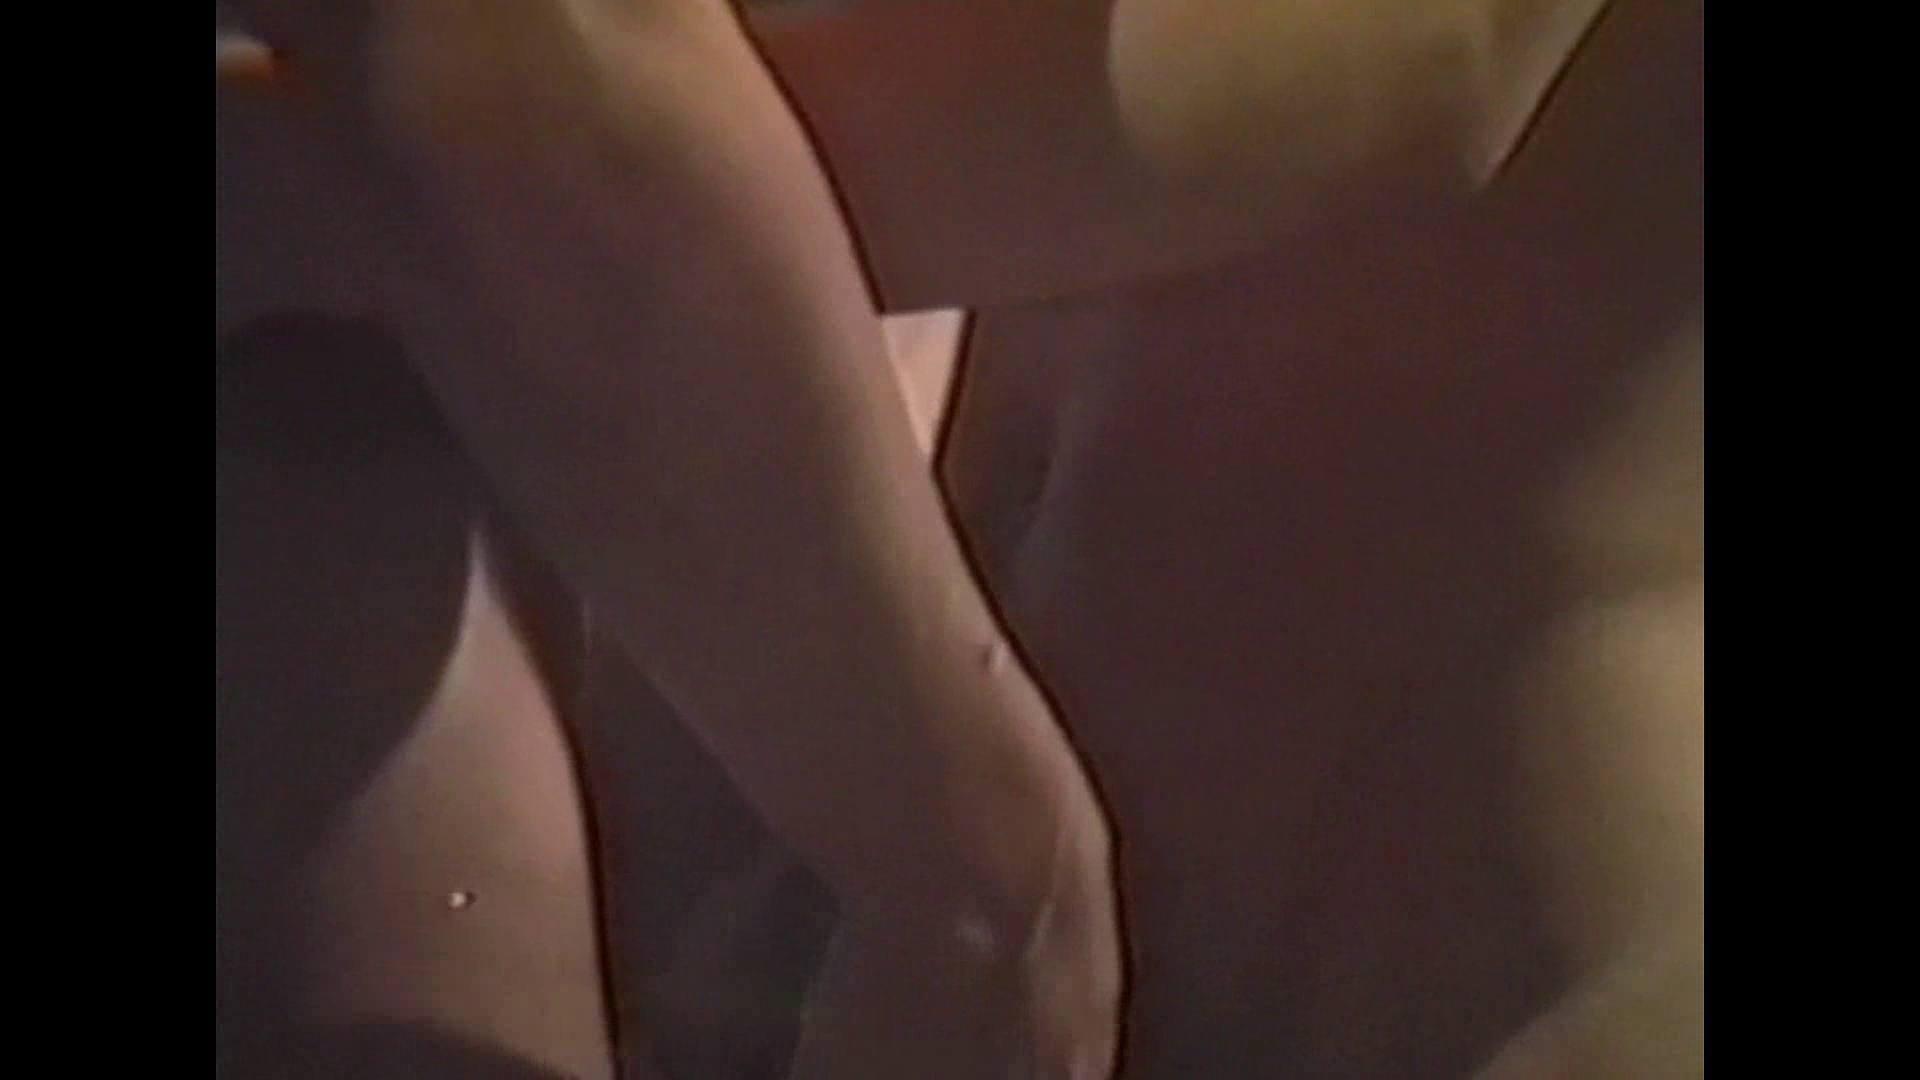 往年の名作 あの頃は若かった!第3弾 Vol.02 入浴・シャワー丸見え ゲイモロ画像 68pic 53